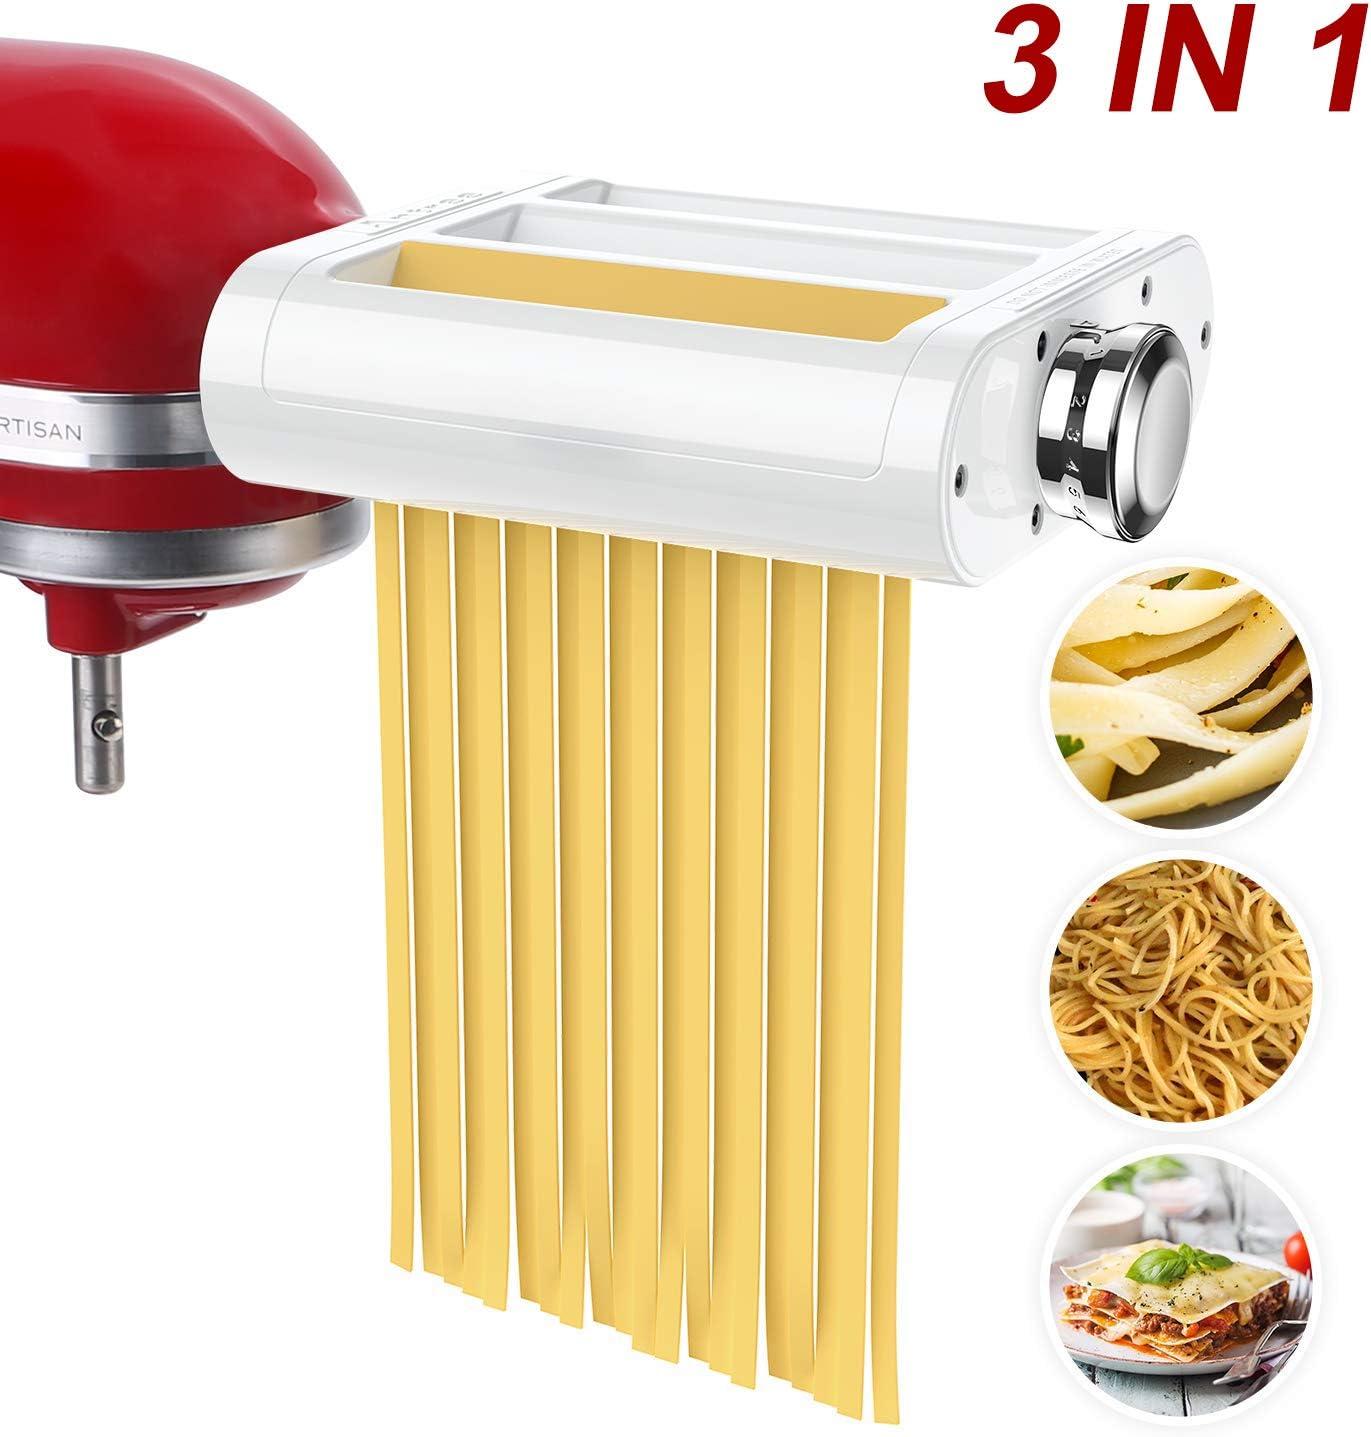 ANTREE Accesorio para hacer pasta 3 en 1 juego para batidoras KitchenAid incluido, rodillo de hoja de pasta, cortador de espagueti, accesorios para cortador de fettuccinas y cepillo de limpieza: Amazon.es: Hogar